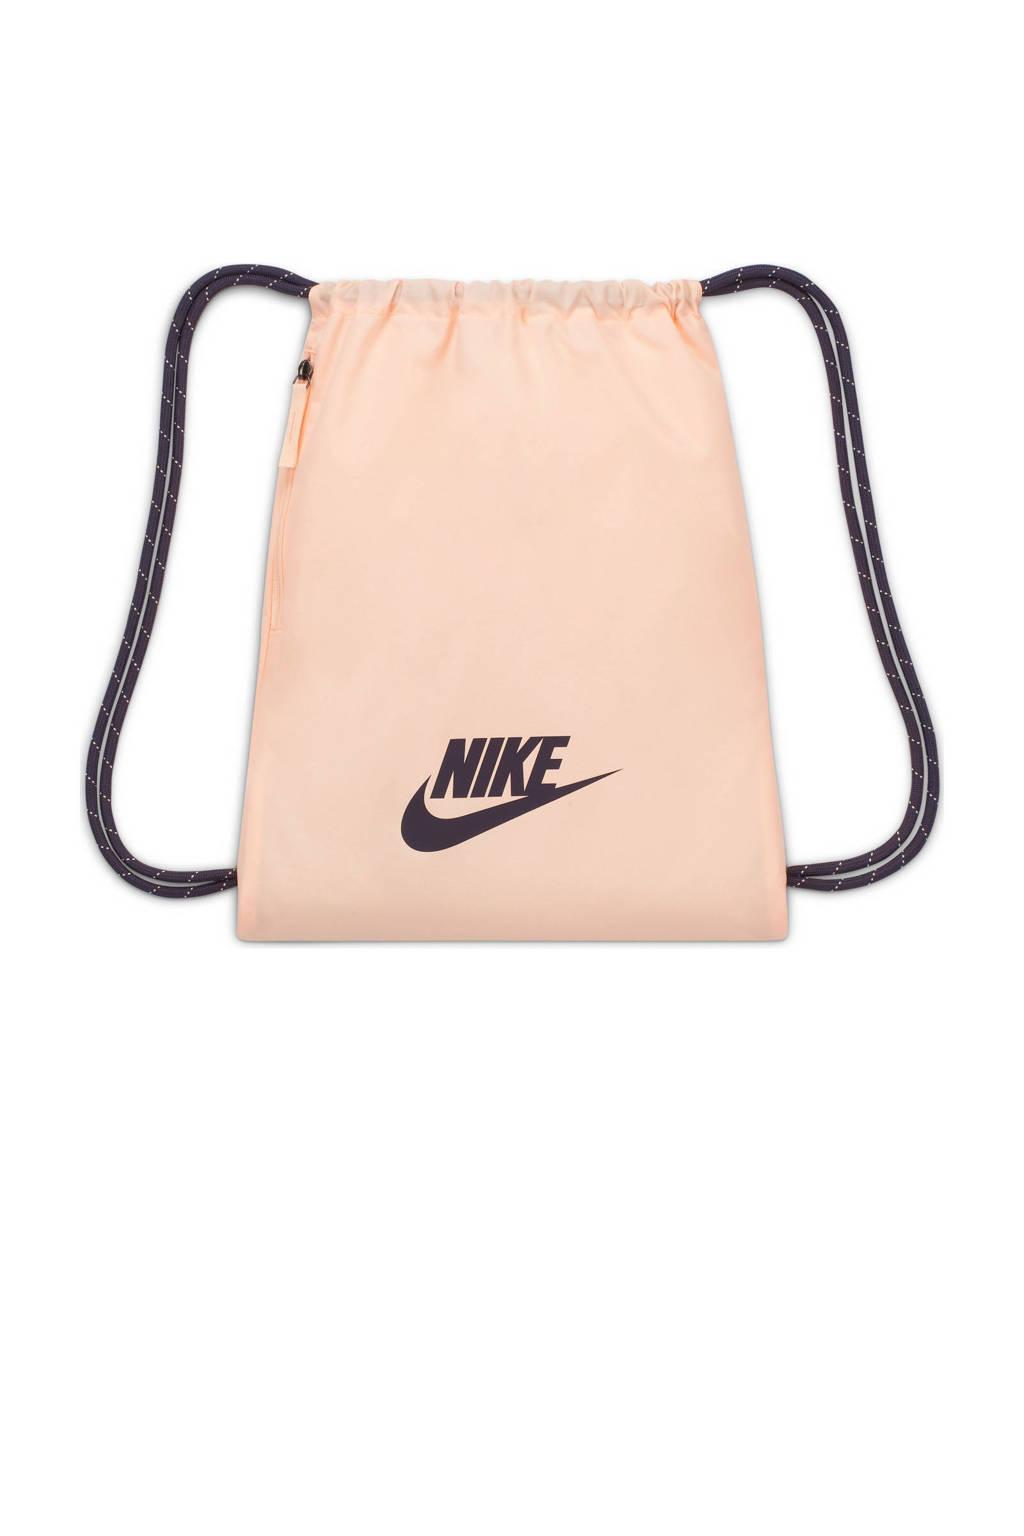 Nike   sporttas roze/zwart, Roze/zwart